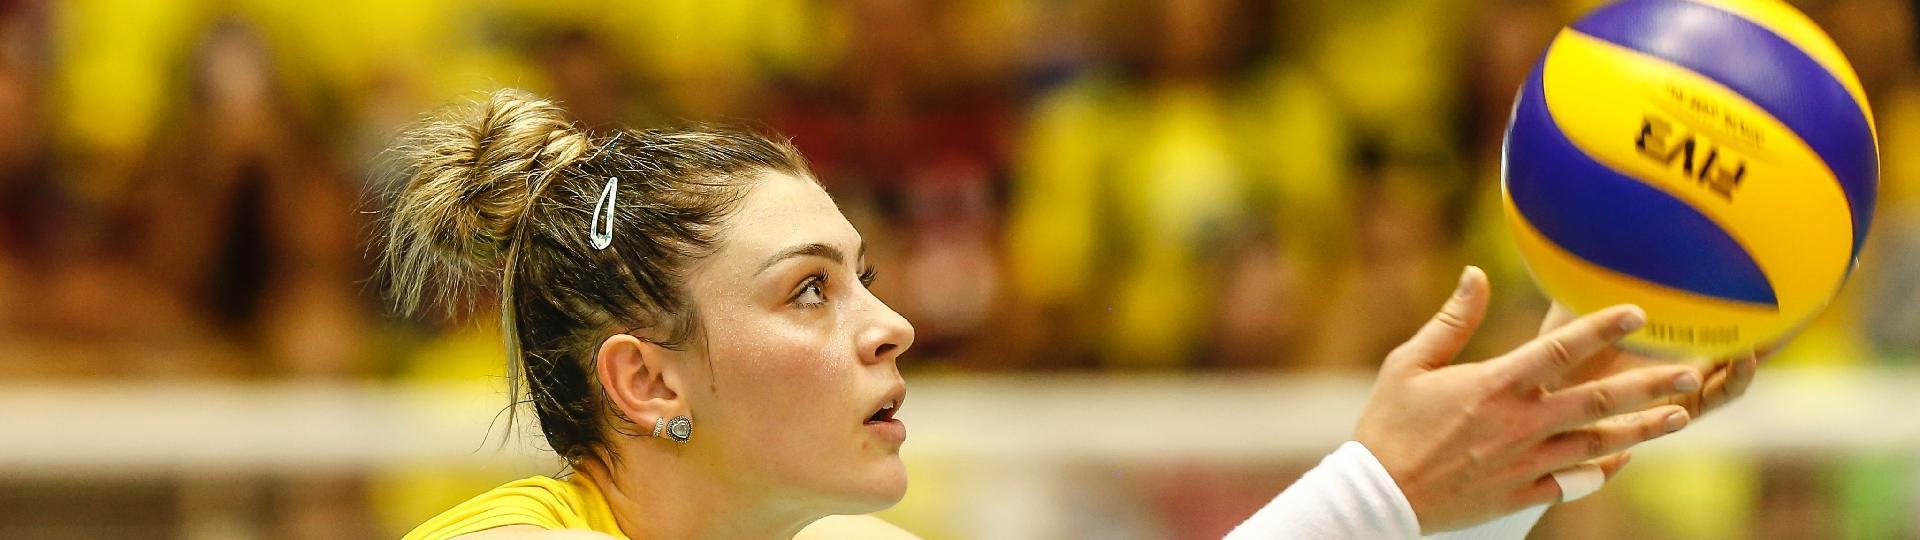 Rosamaria se prepara para sacar durante partida contra os EUA